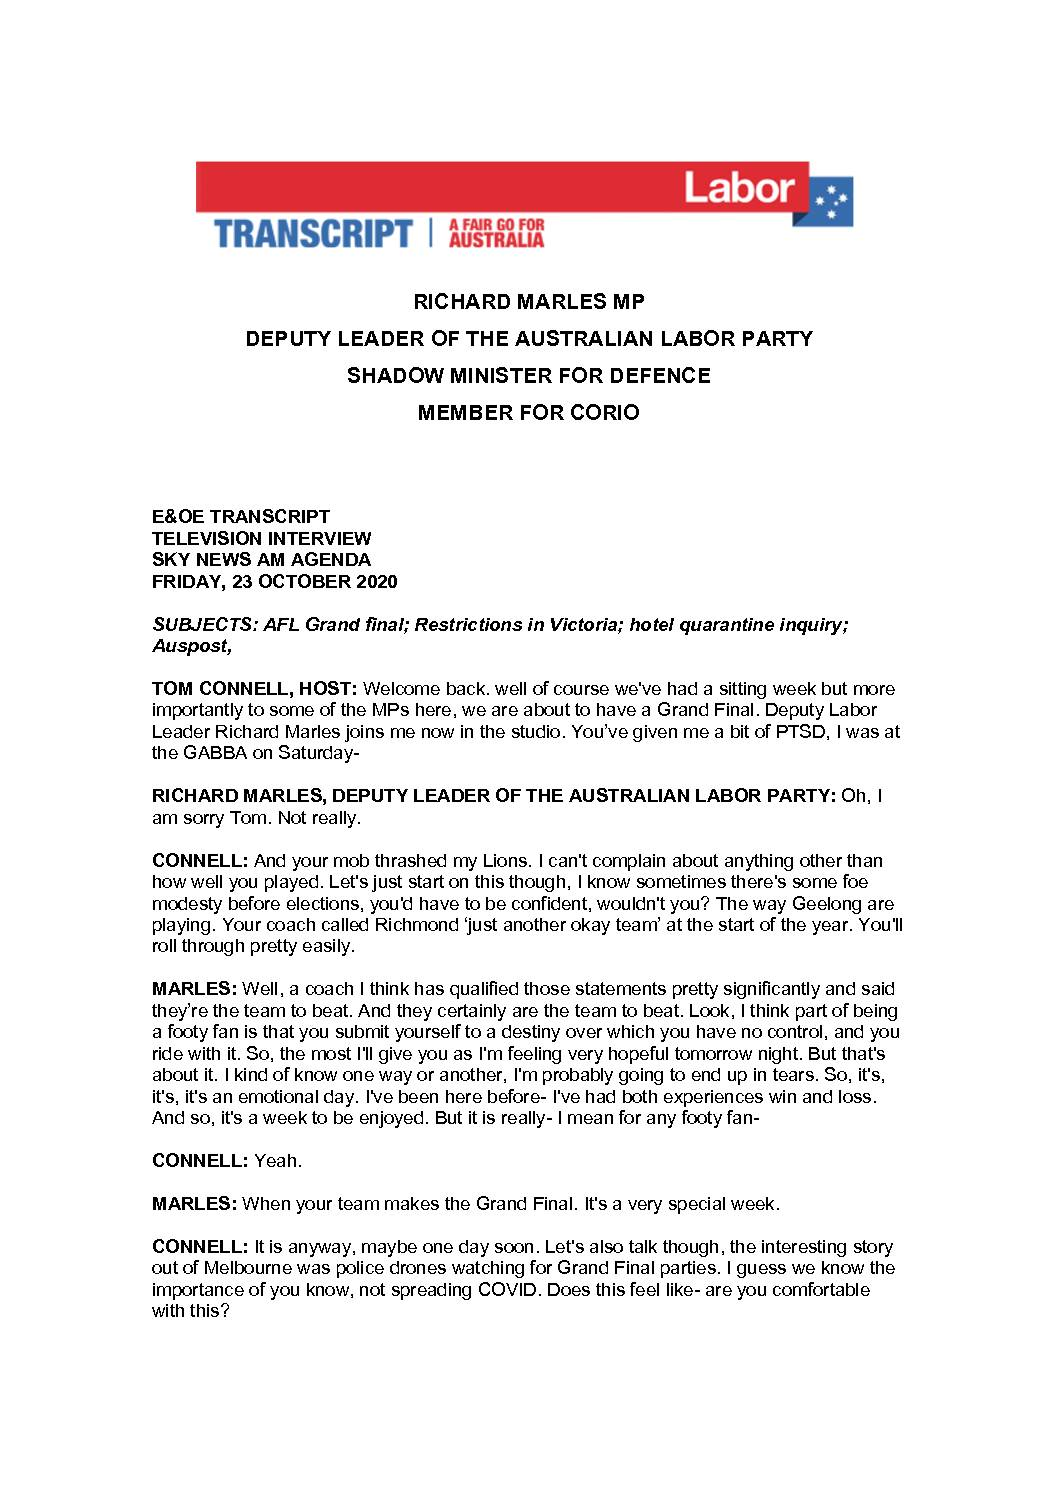 20.10.23-SKY-NEWS-AM-AGENDA-WITH-TOM-CONNELL-TRANSCRIPT